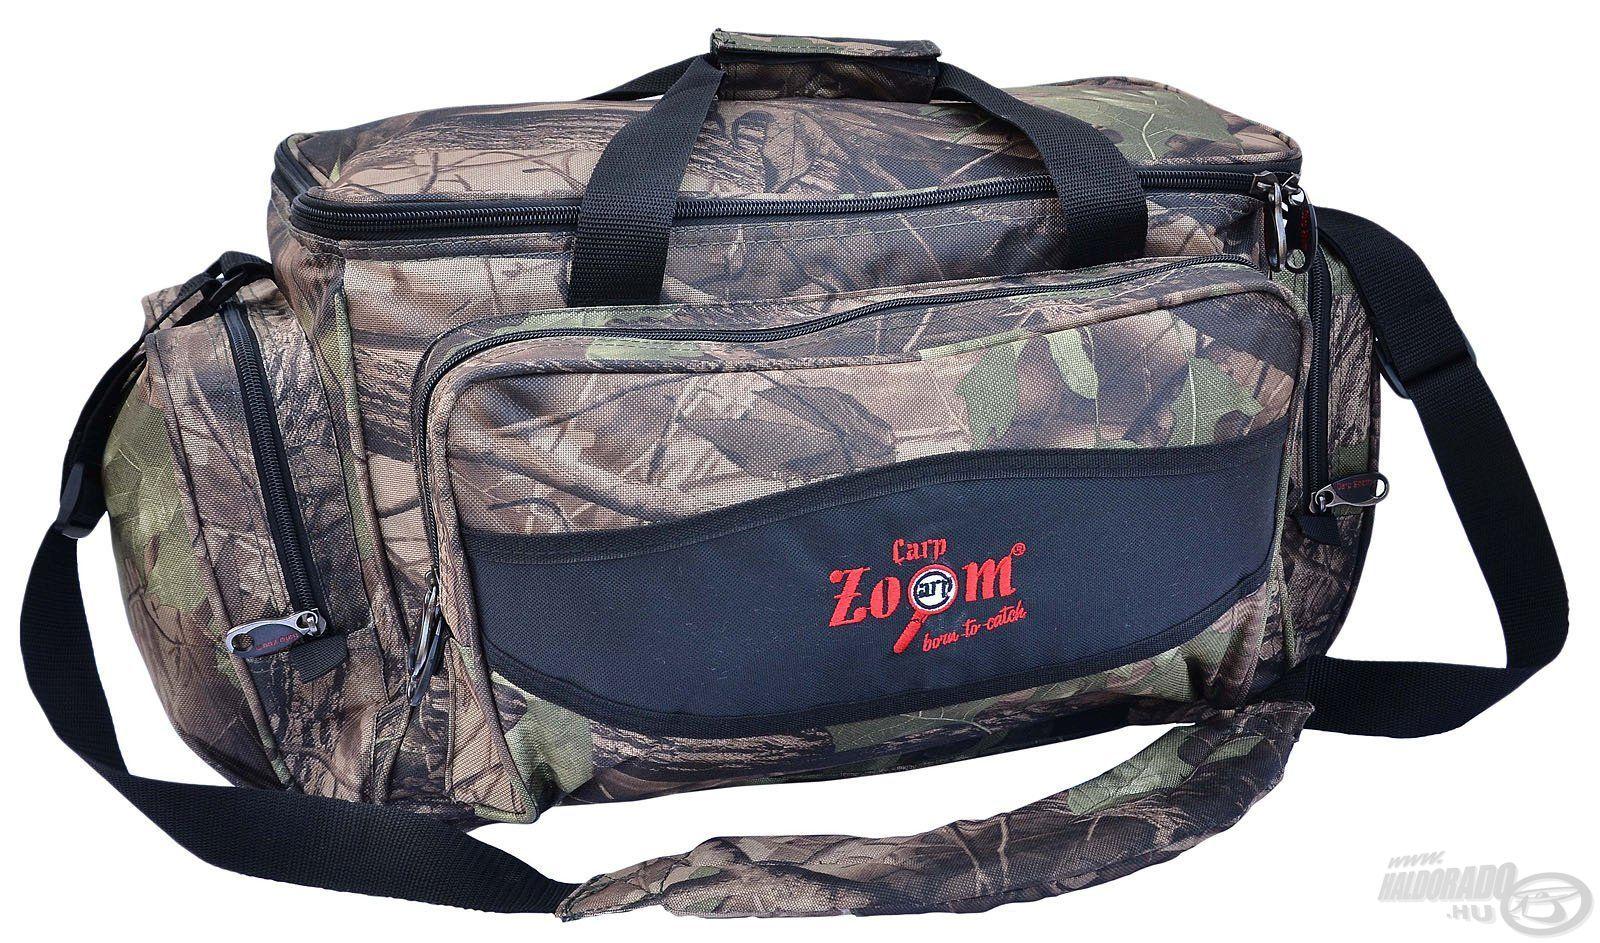 A Carp Zoom Practic táska megalkotásánál a praktikusság volt a fő szempont. Ez a típus is camou, azaz terepszínű mintázatot kapott